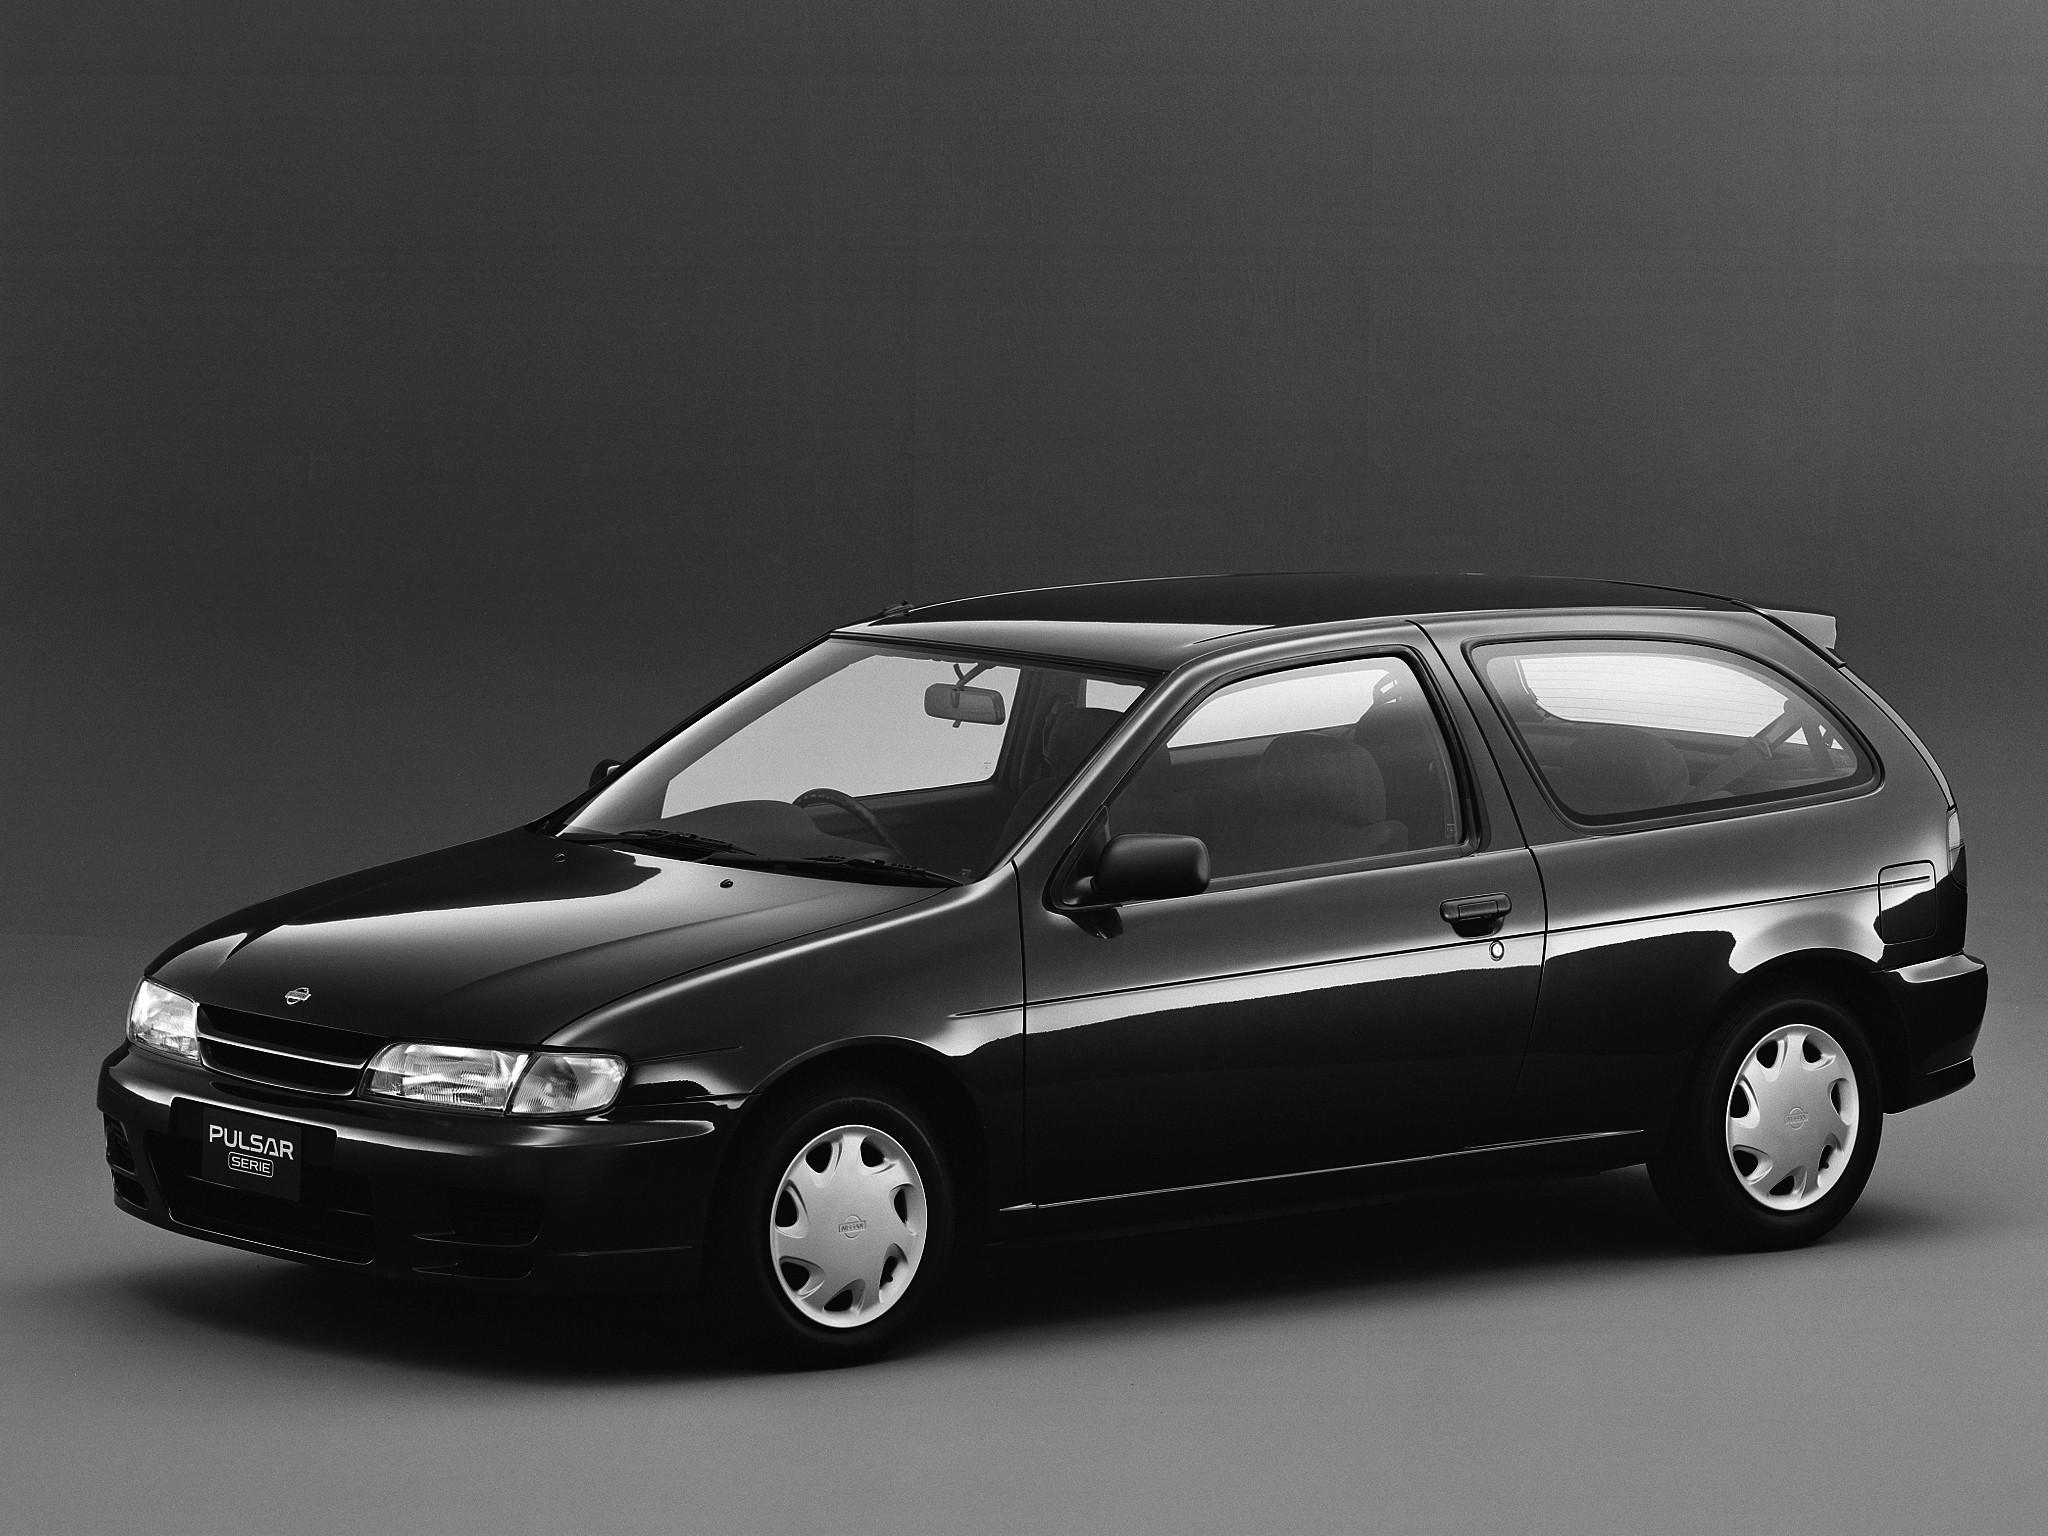 nissan almera pulsar 3 doors specs 1995 1996 1997 1998 1999 2000 autoevolution. Black Bedroom Furniture Sets. Home Design Ideas